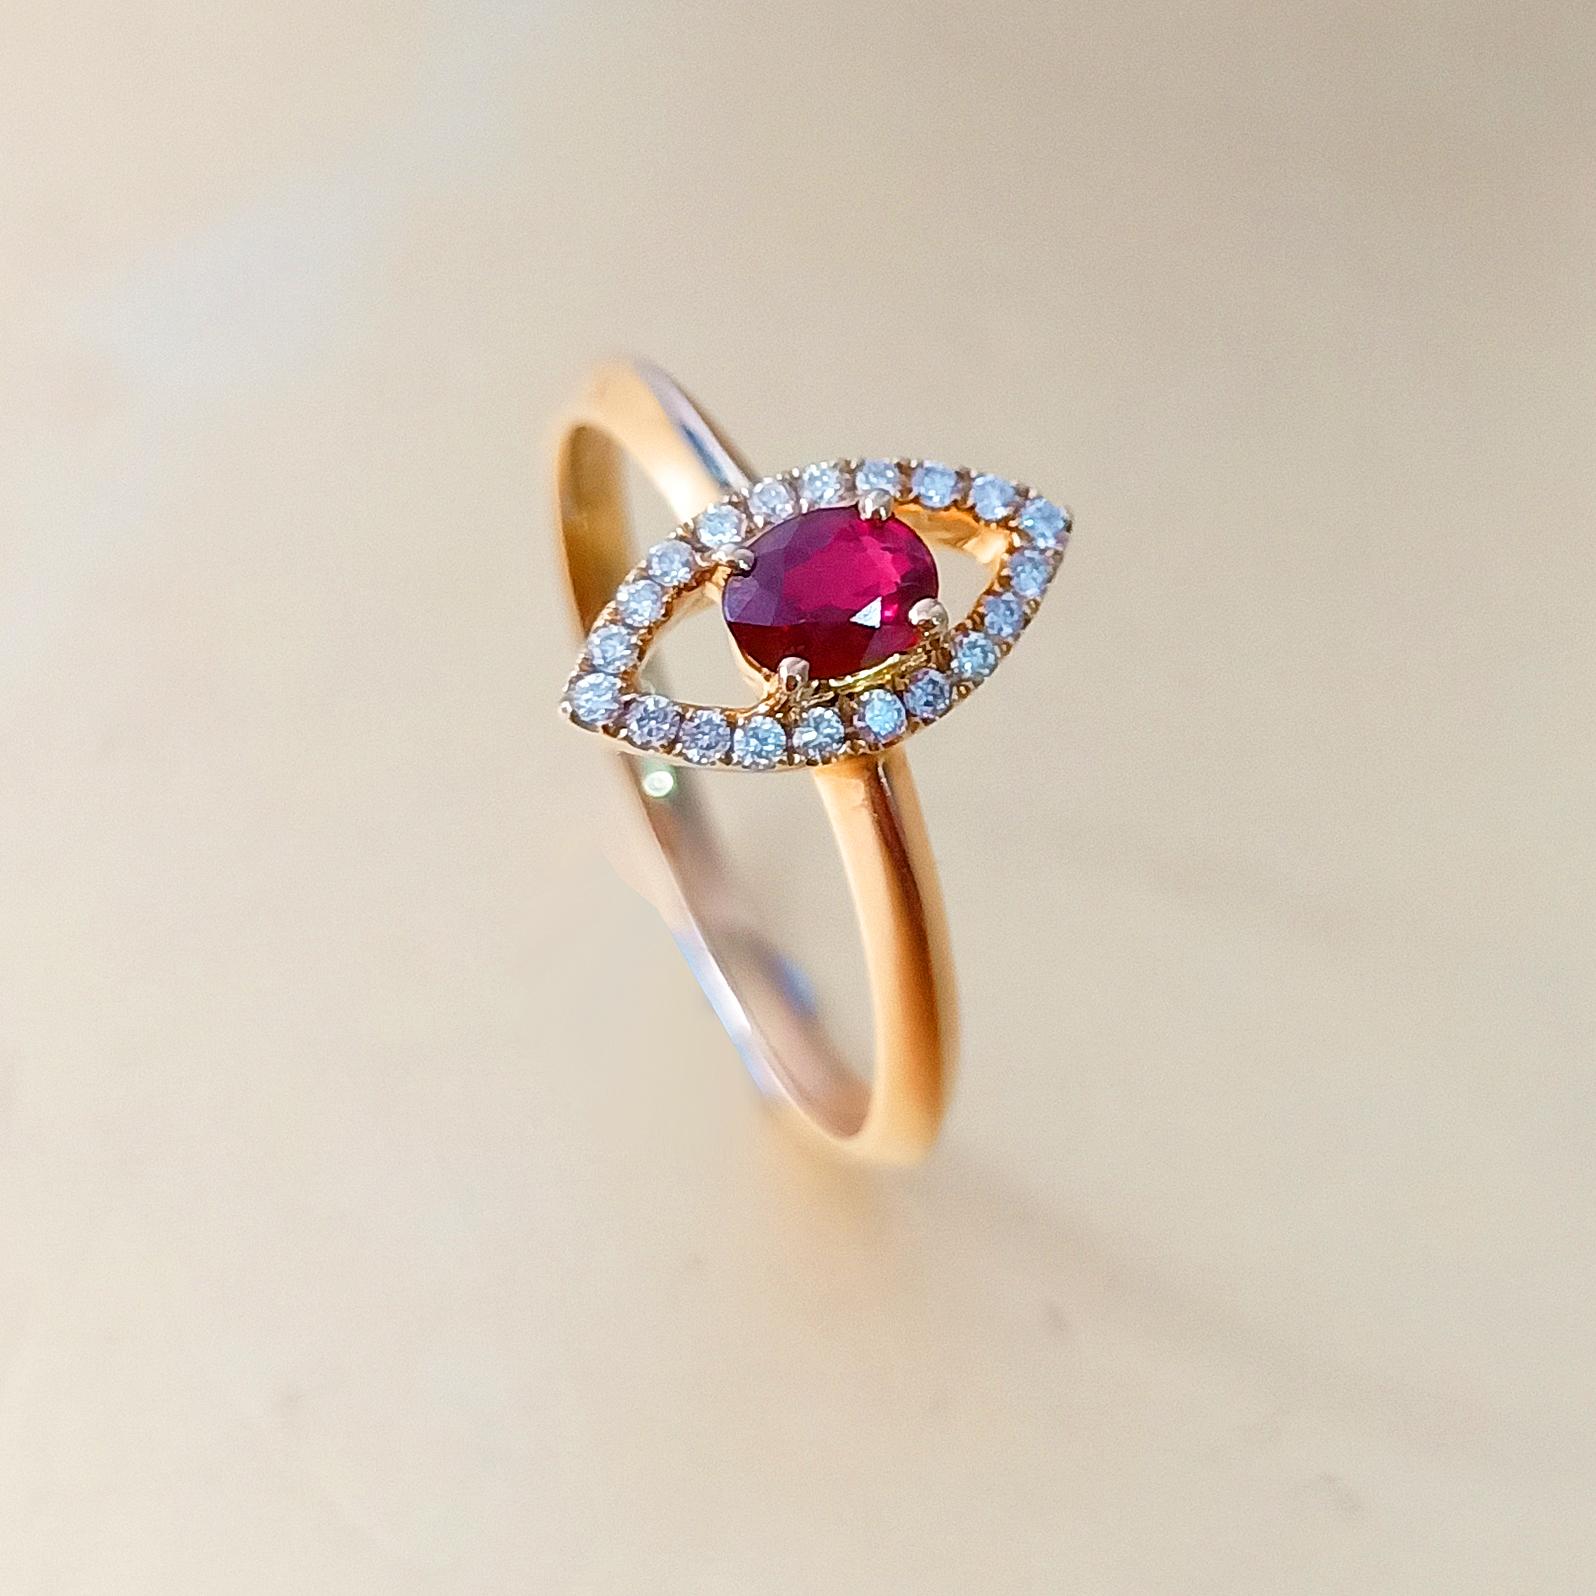 【戒指】18K金+红宝石+钻石 宝石颜色纯正 主石:0.23t/1P 货重:2.17g